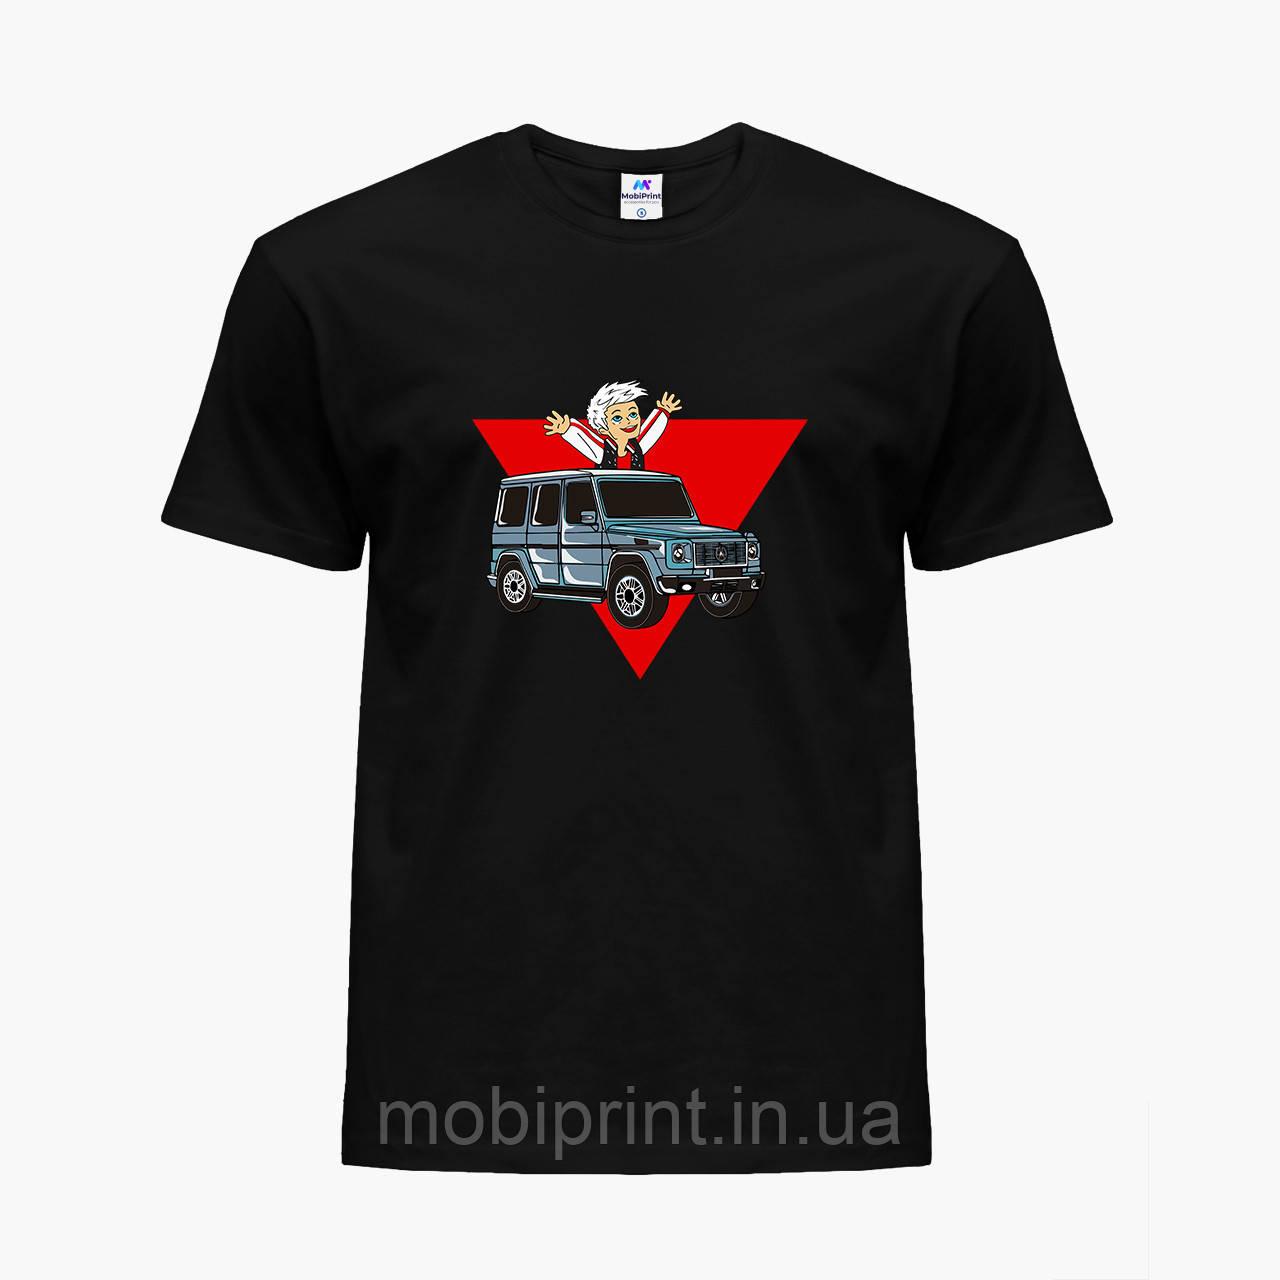 Детская футболка для мальчиков блогер Влад Бумага А4 (blogger Vlad A4) (25186-2618) Черный